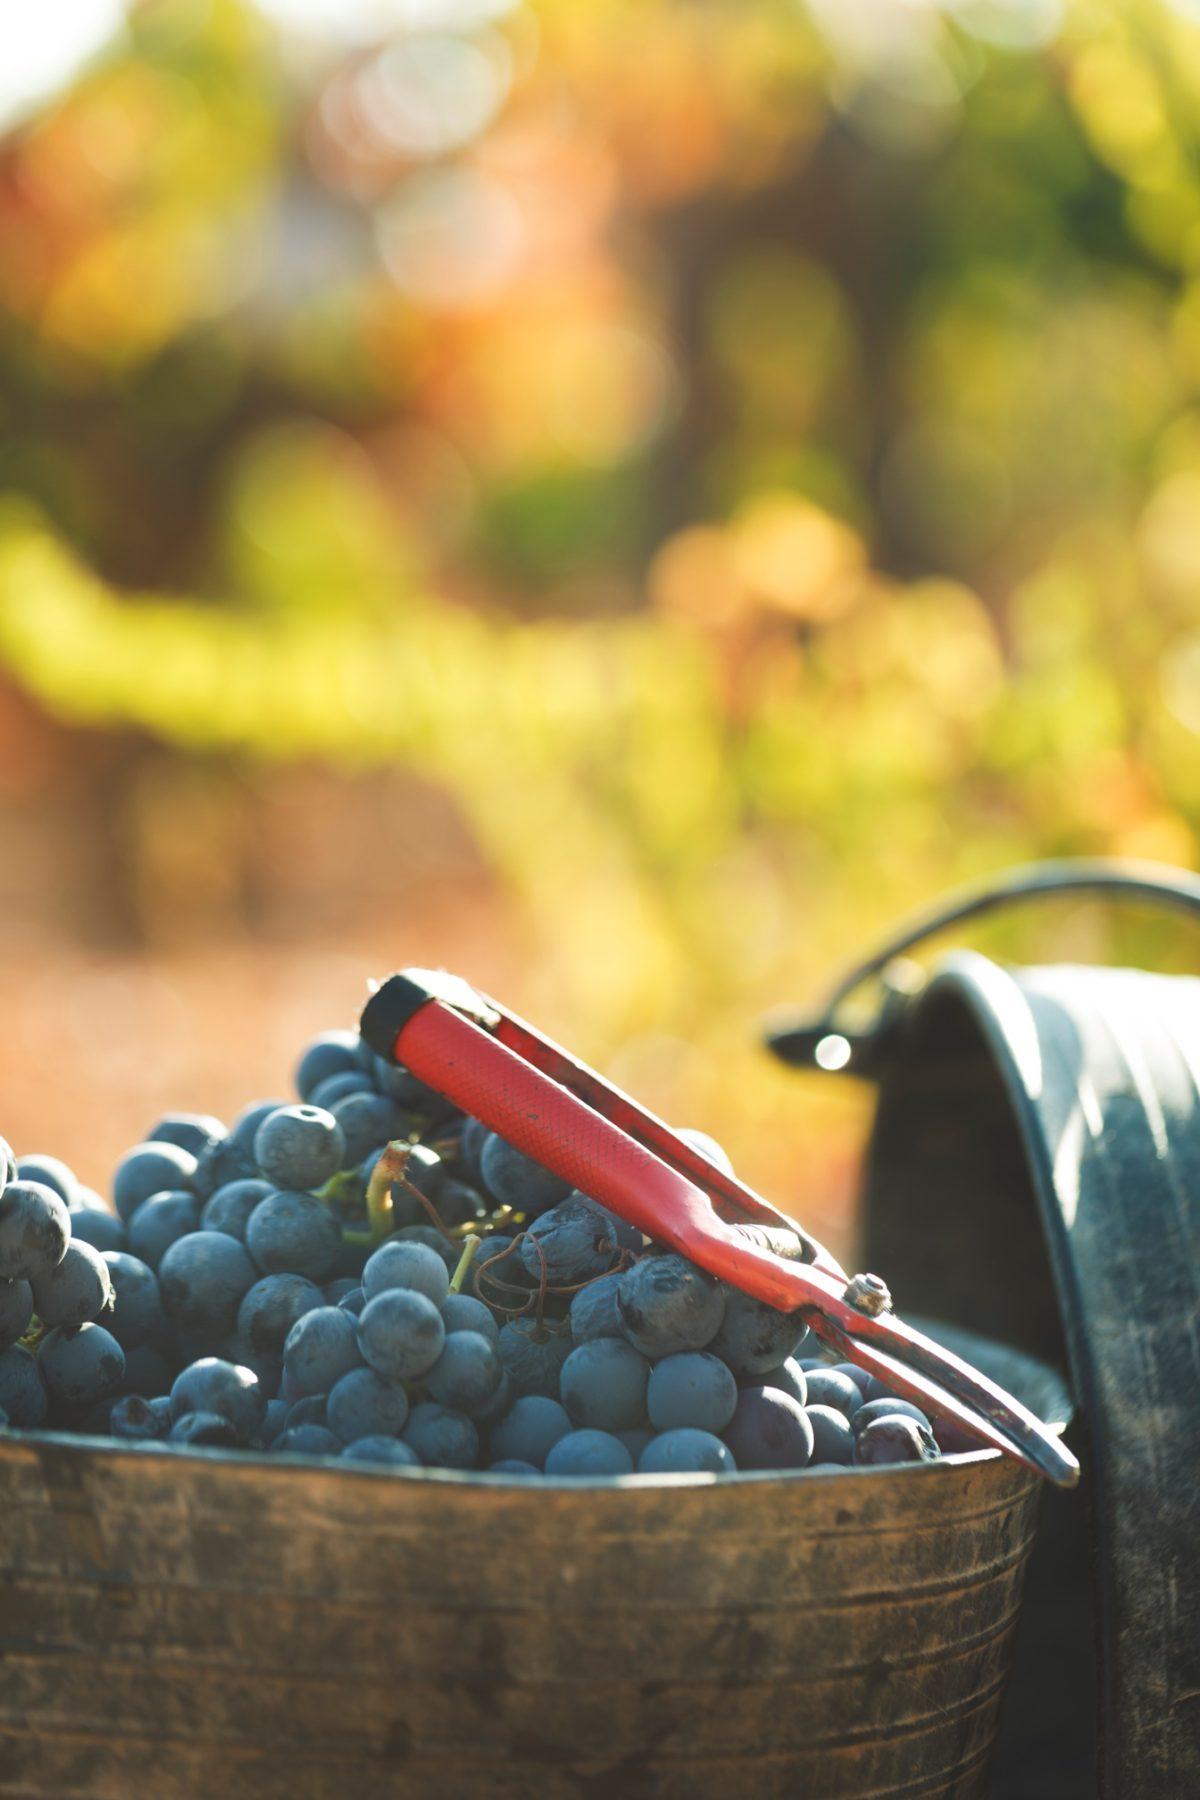 Algunas curiosidades del vino que te sorprenderán